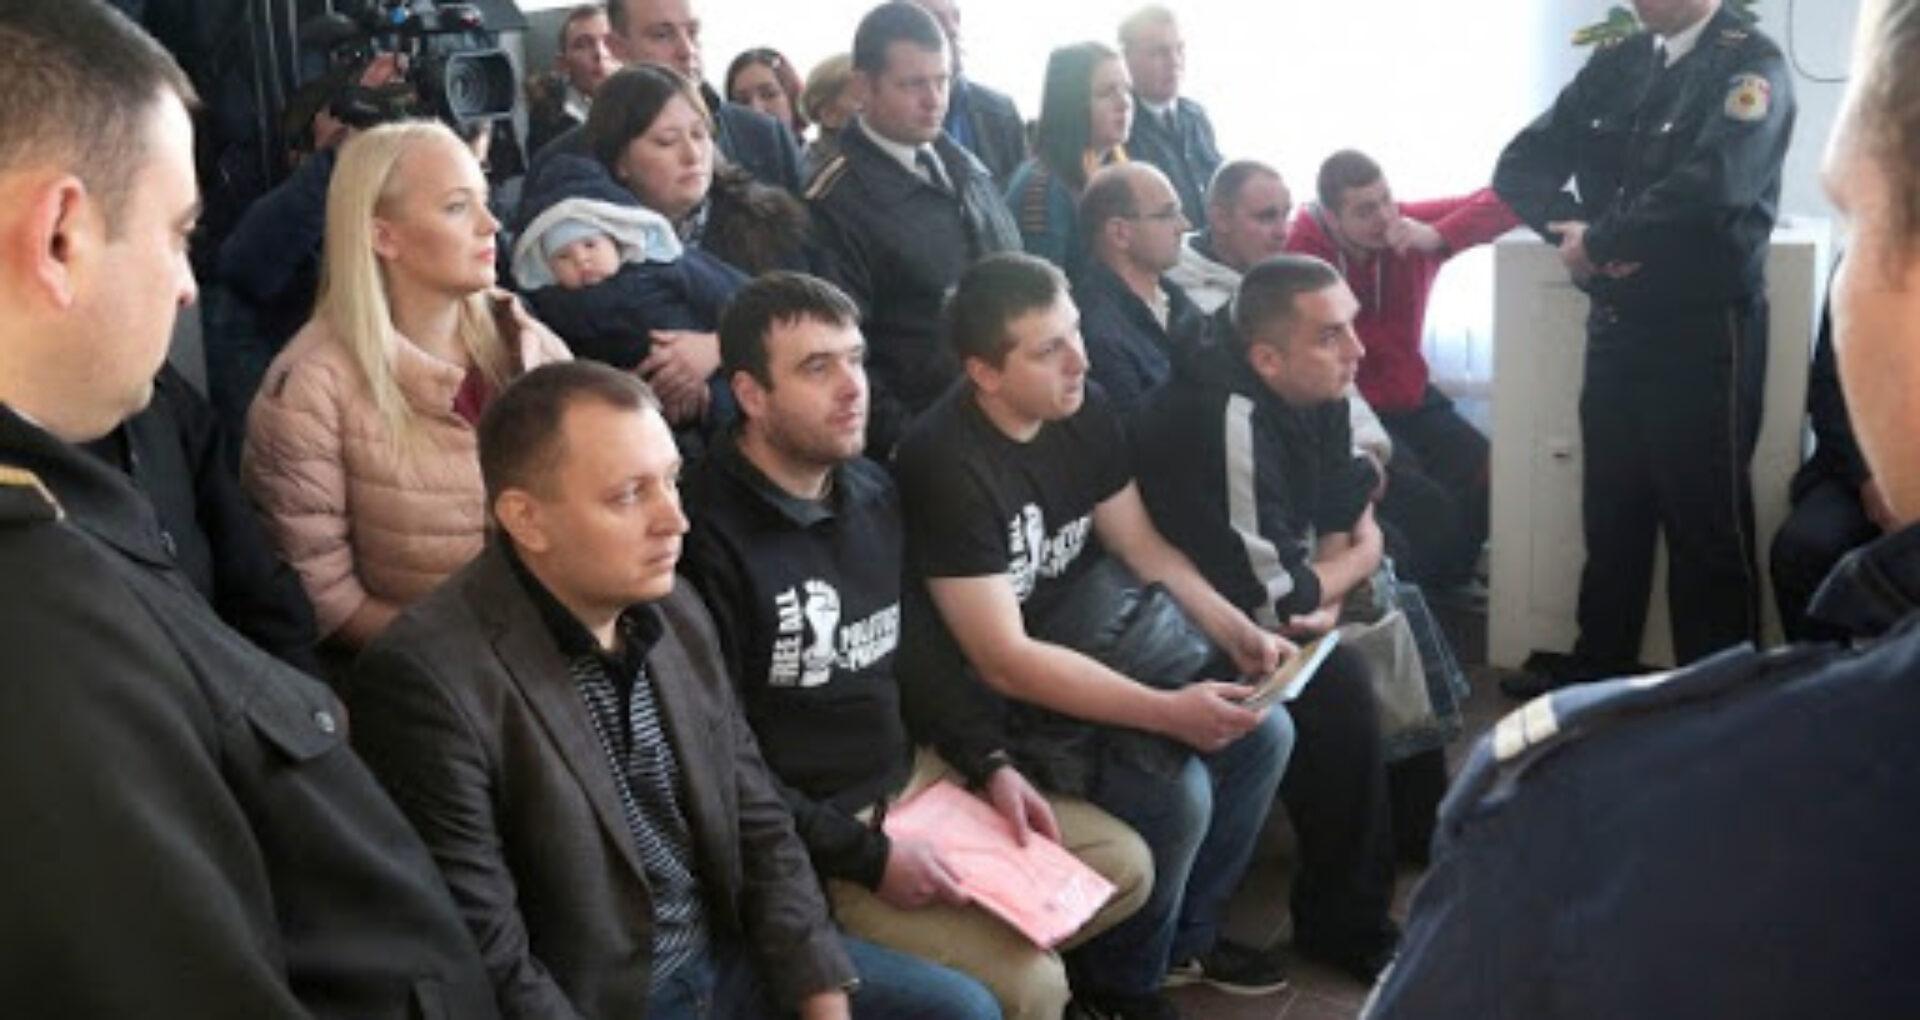 Dosarul în care figurează foștii comuniști Grigorciuc și Petrenco va fi rejudecat